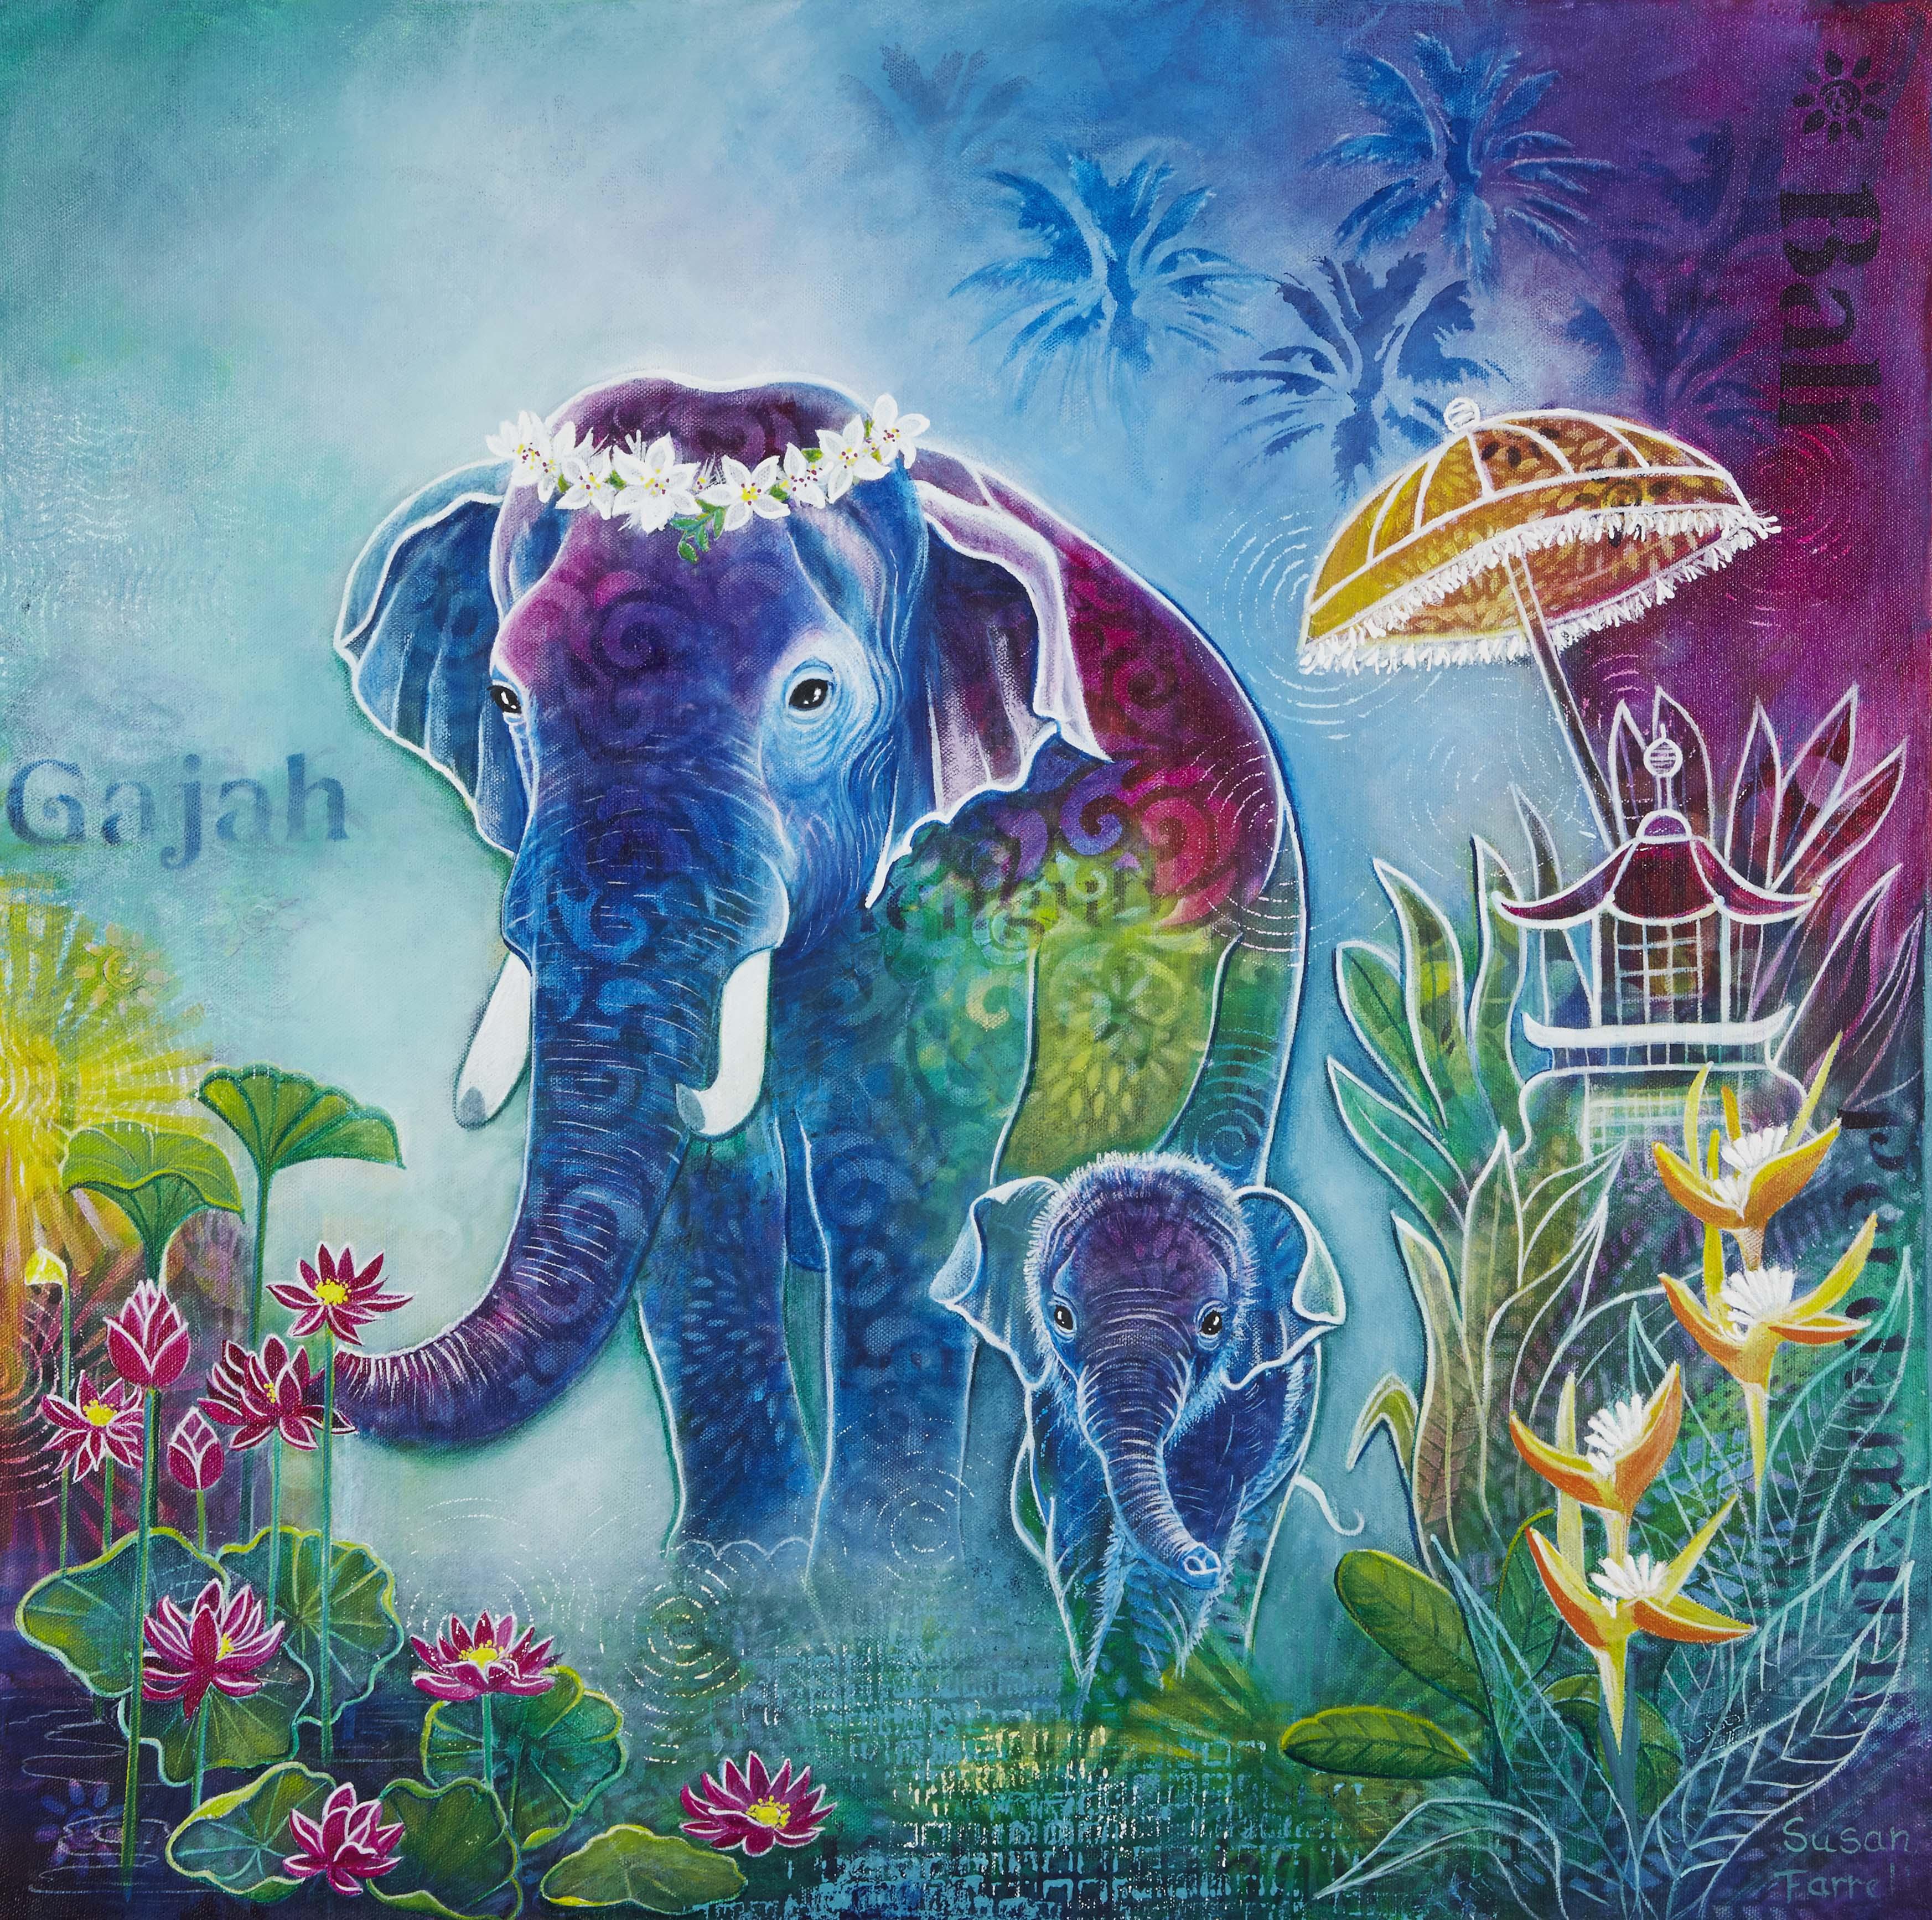 Gajah Dan Bayi Art Print Susan Farrell Art